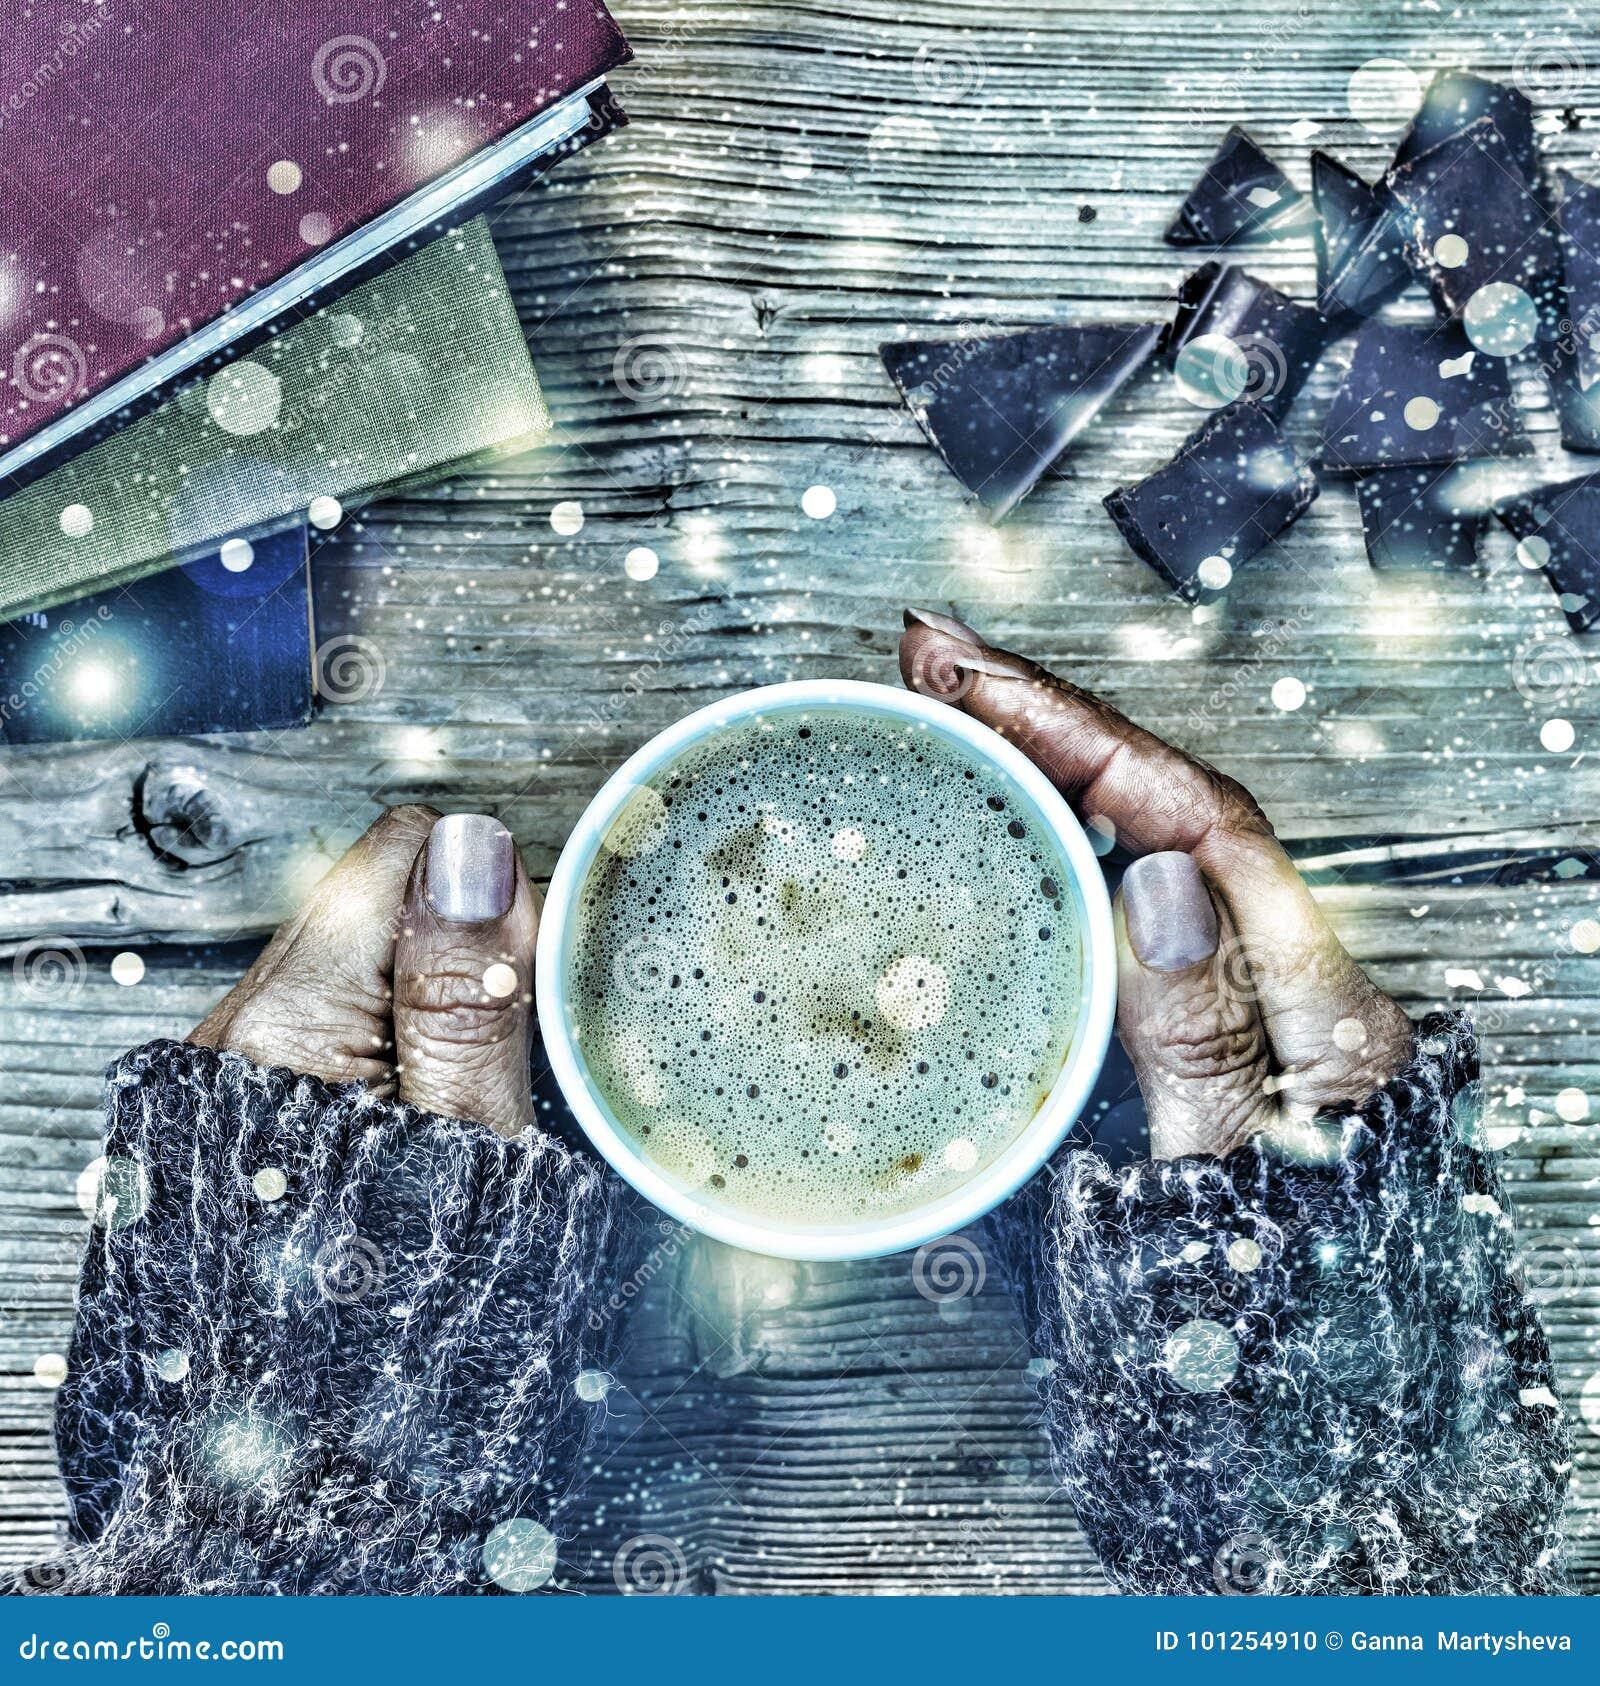 Noël de nouvelle année Une tasse de café ou une tasse de thé dans sa main, et femmes a écrasé le chocolat foncé, pile de livres S